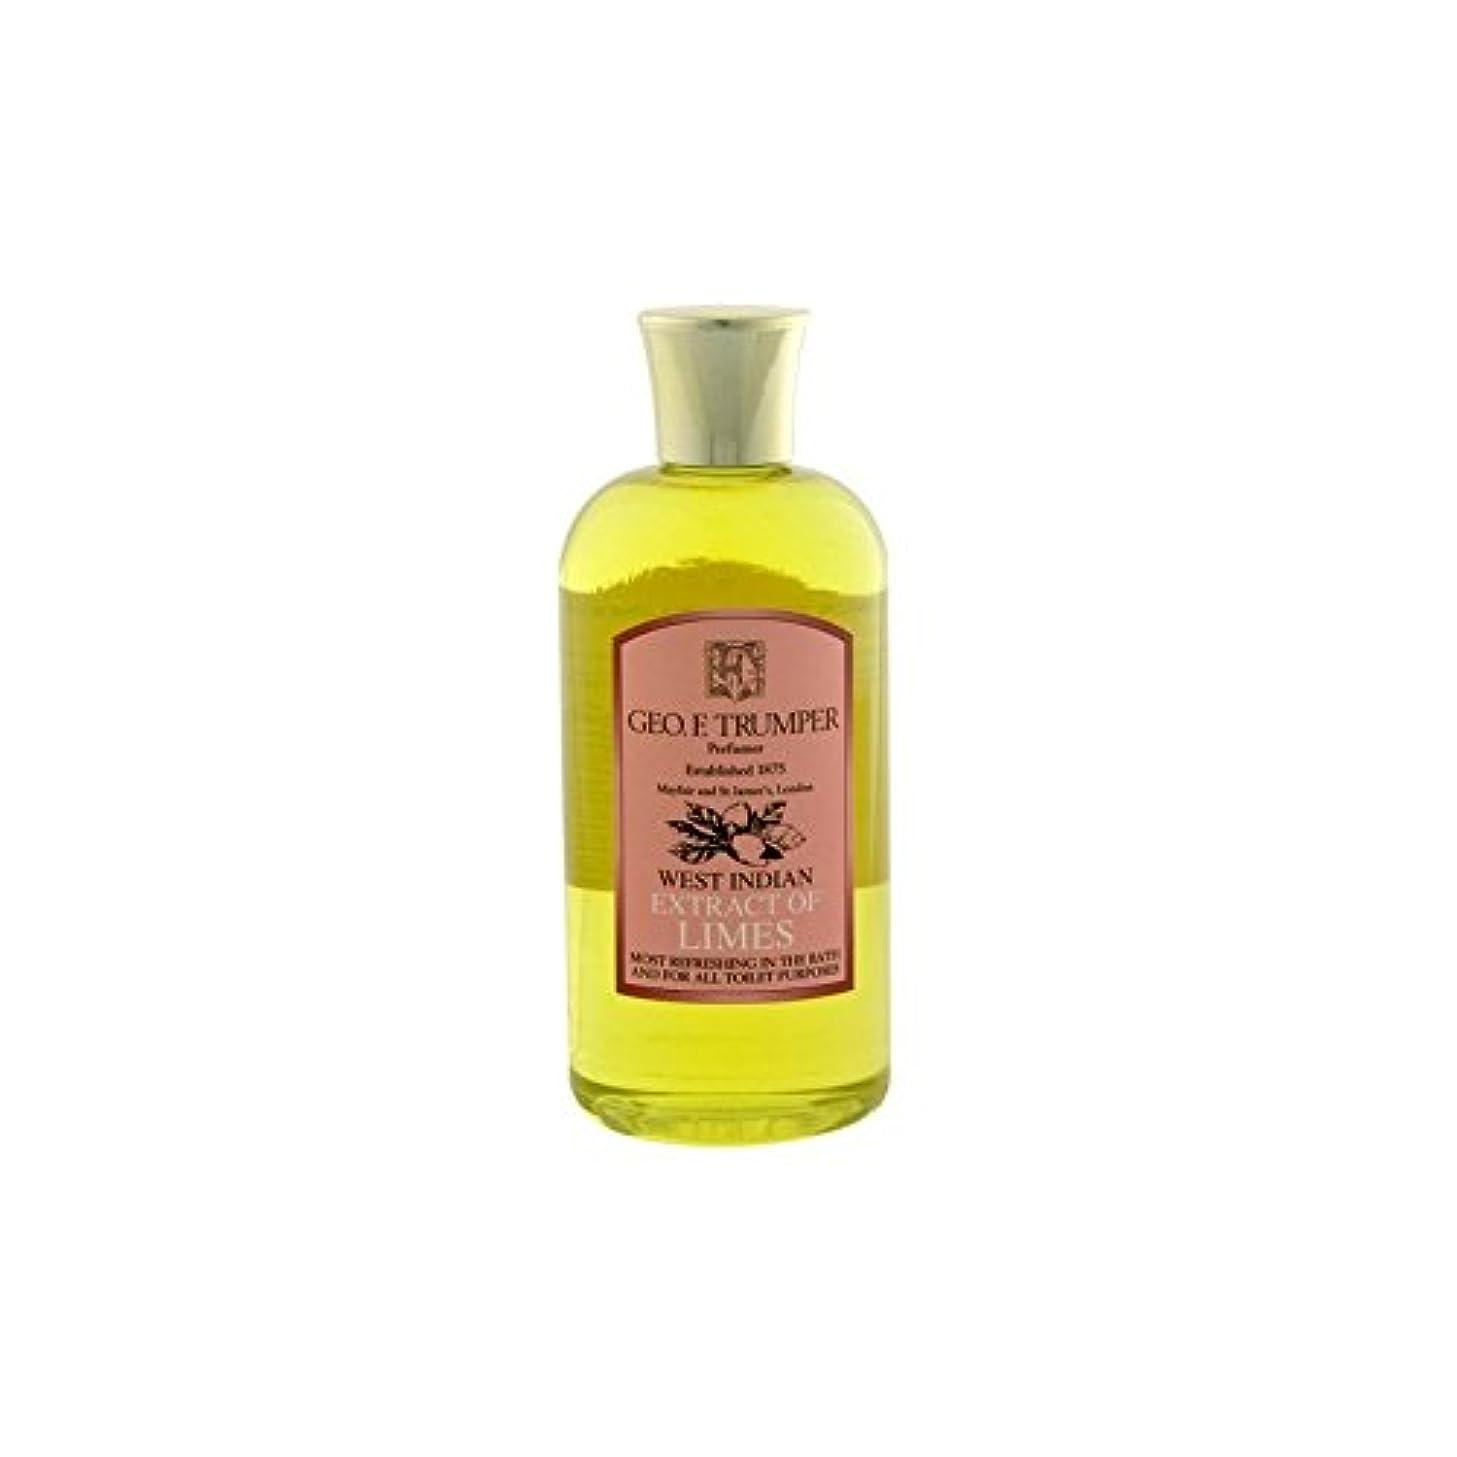 消費相対サイズさておきライムのバス&シャワージェル - 500ミリリットル旅 x2 - Trumpers Limes Bath & Shower Gel - 500ml Travel (Pack of 2) [並行輸入品]